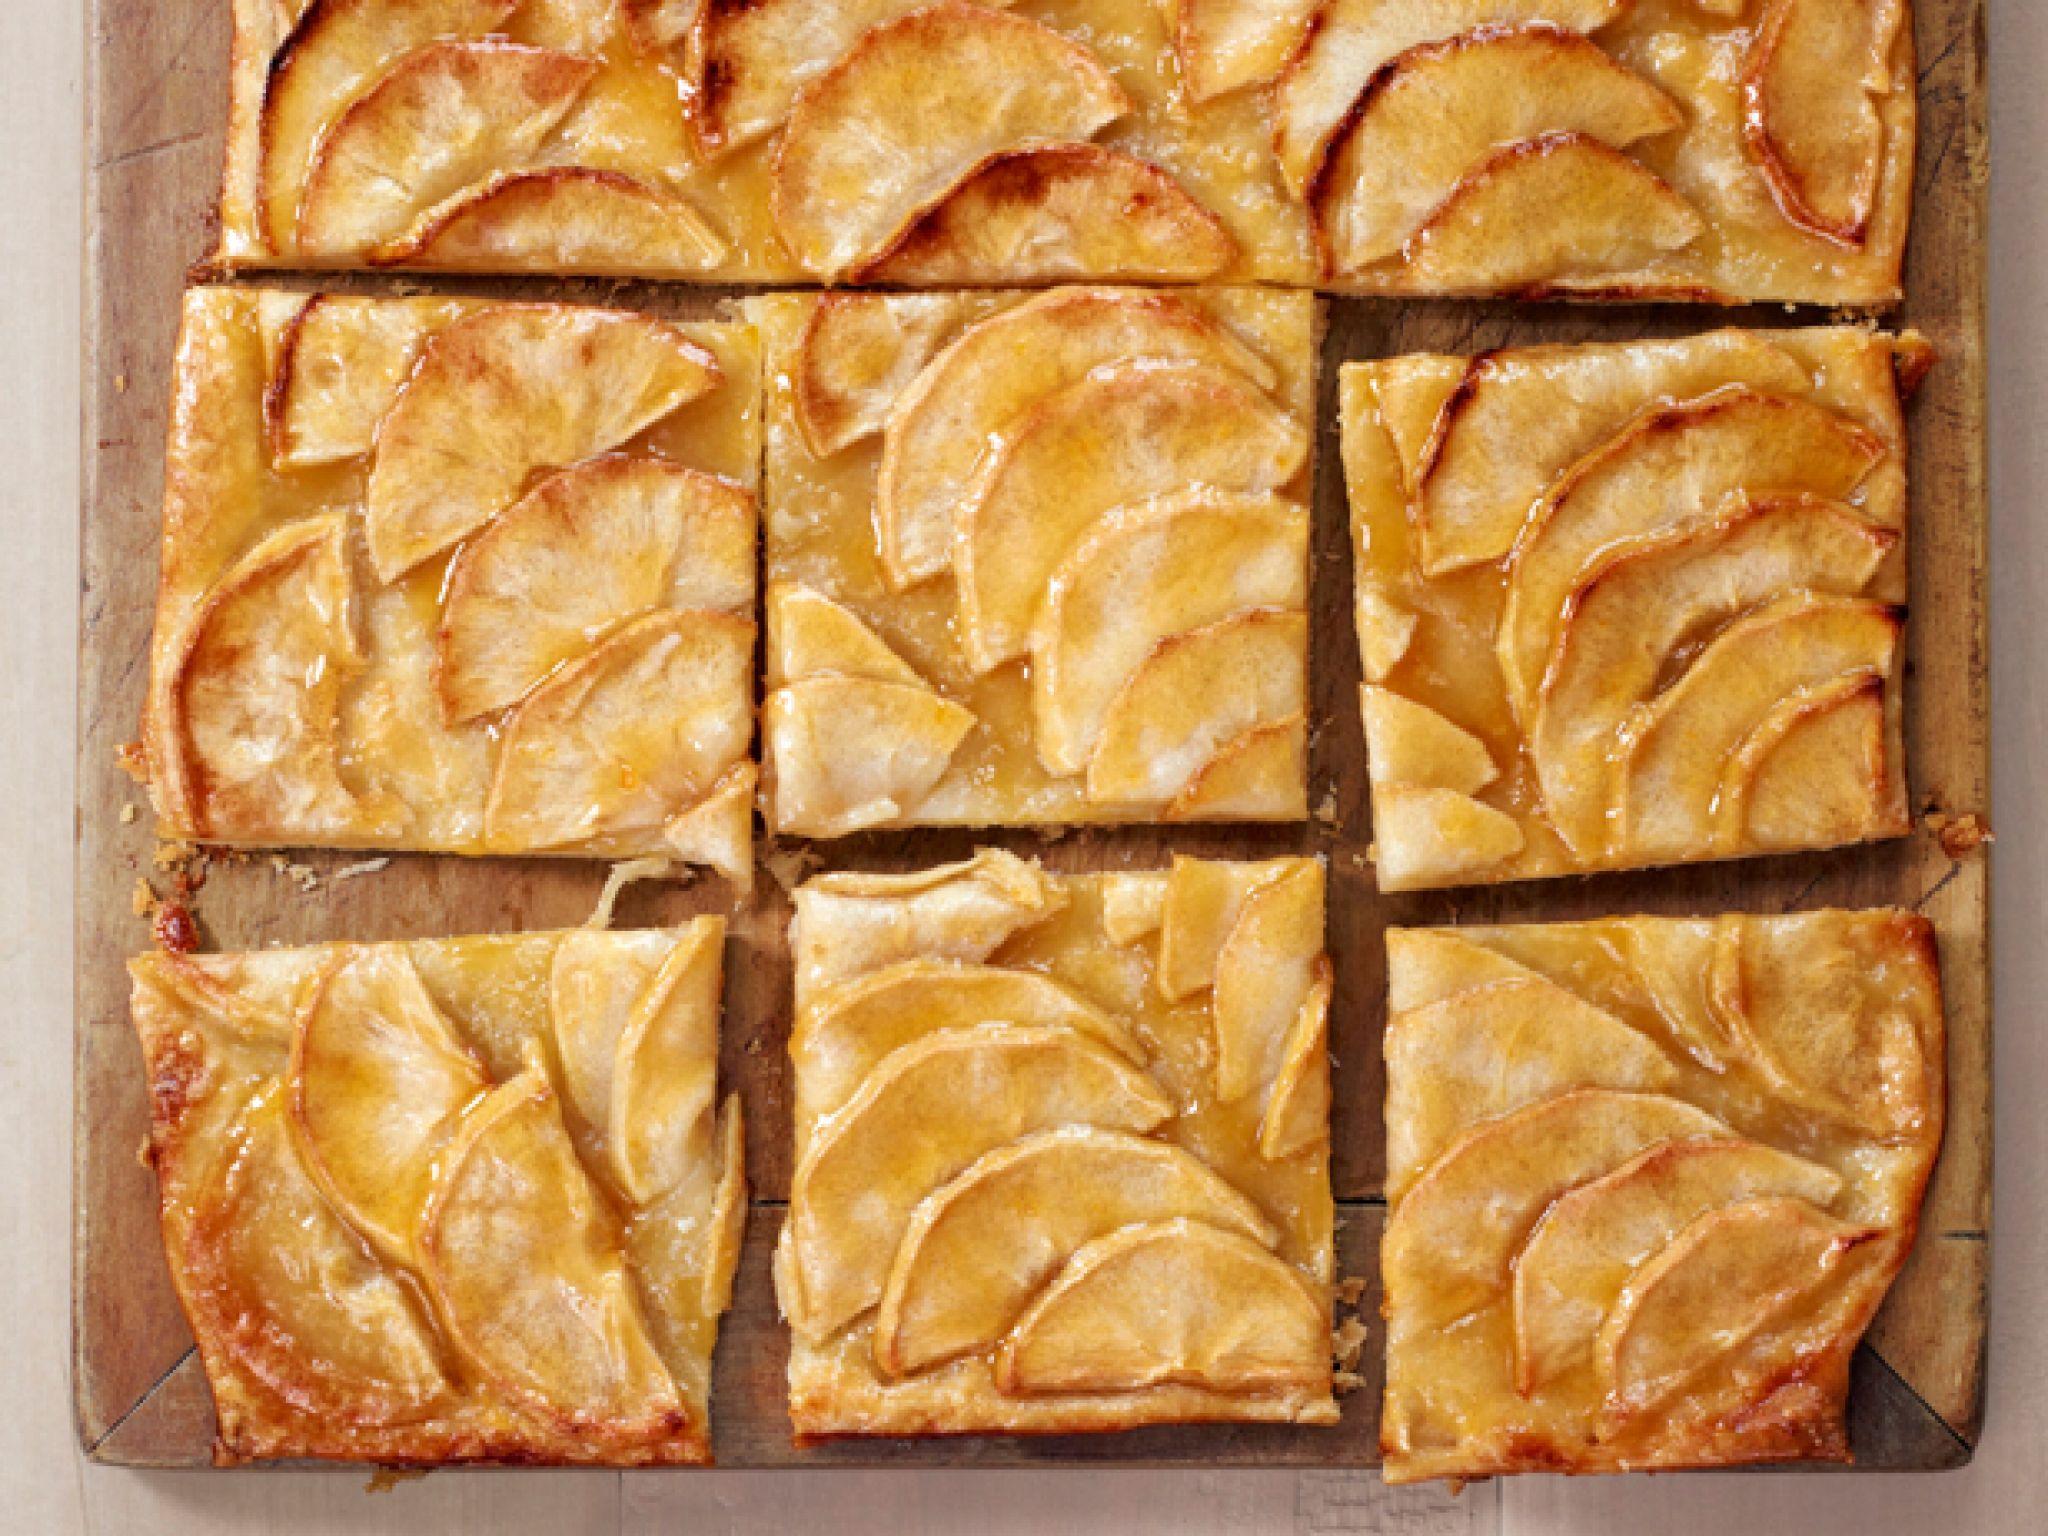 French Apple Tart Recipe French Apple Tart French Apple Tart Recipe Food Network Recipes